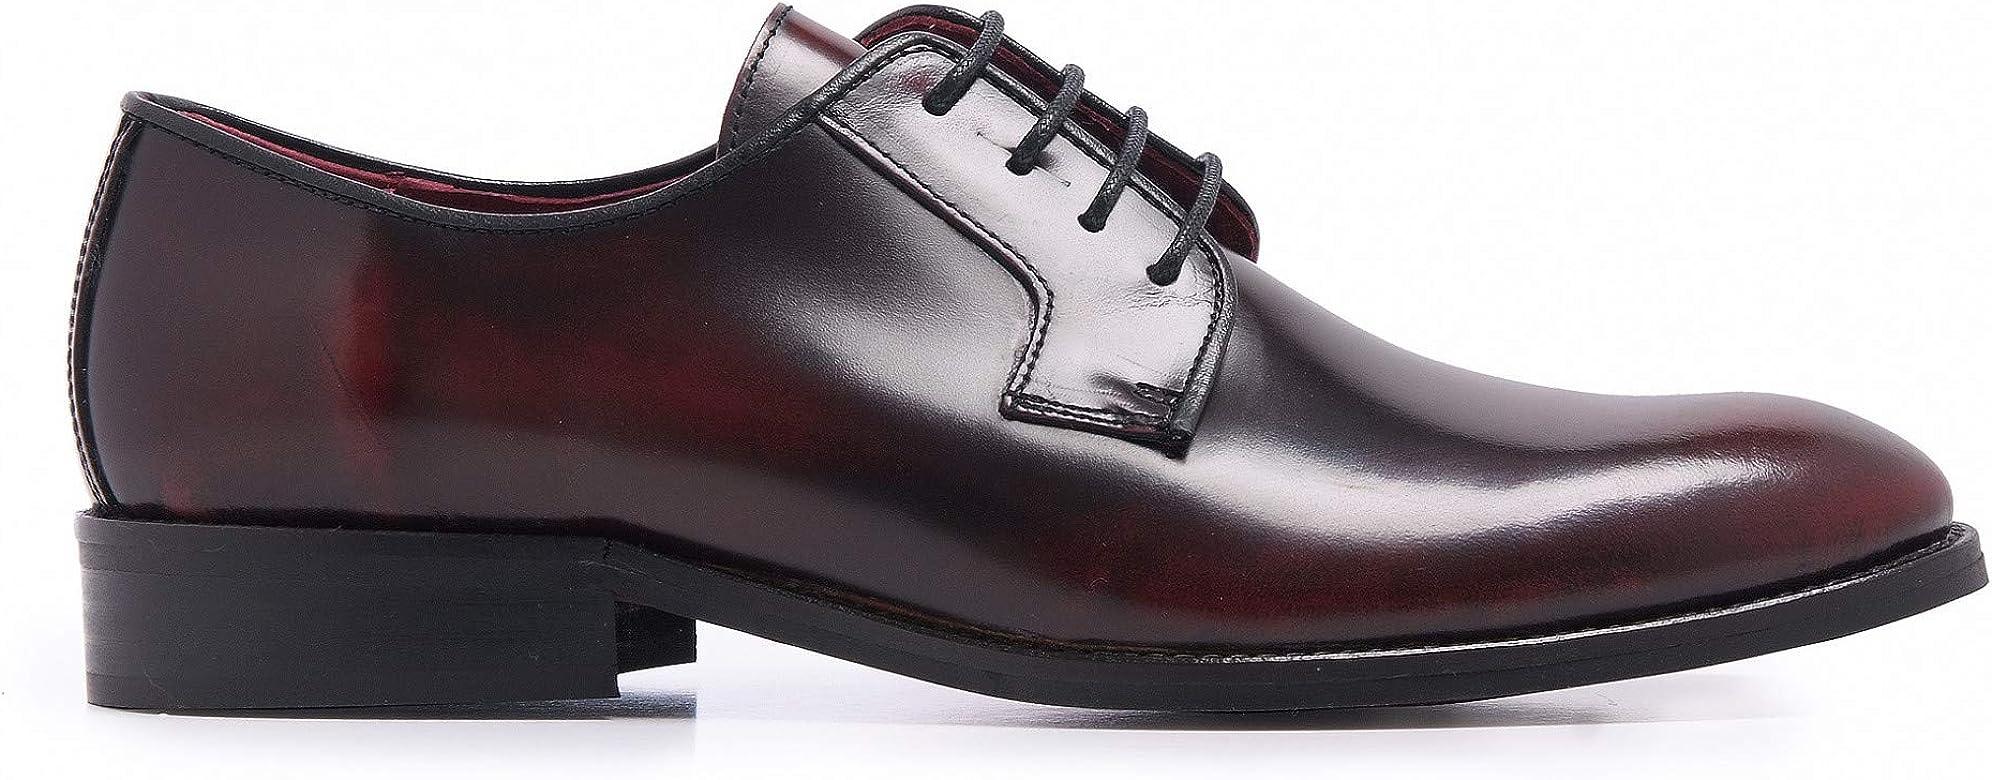 Castellanisimos Zapato Blucher Piel Florentic Burdeos Hombre 44 EU Burdeos